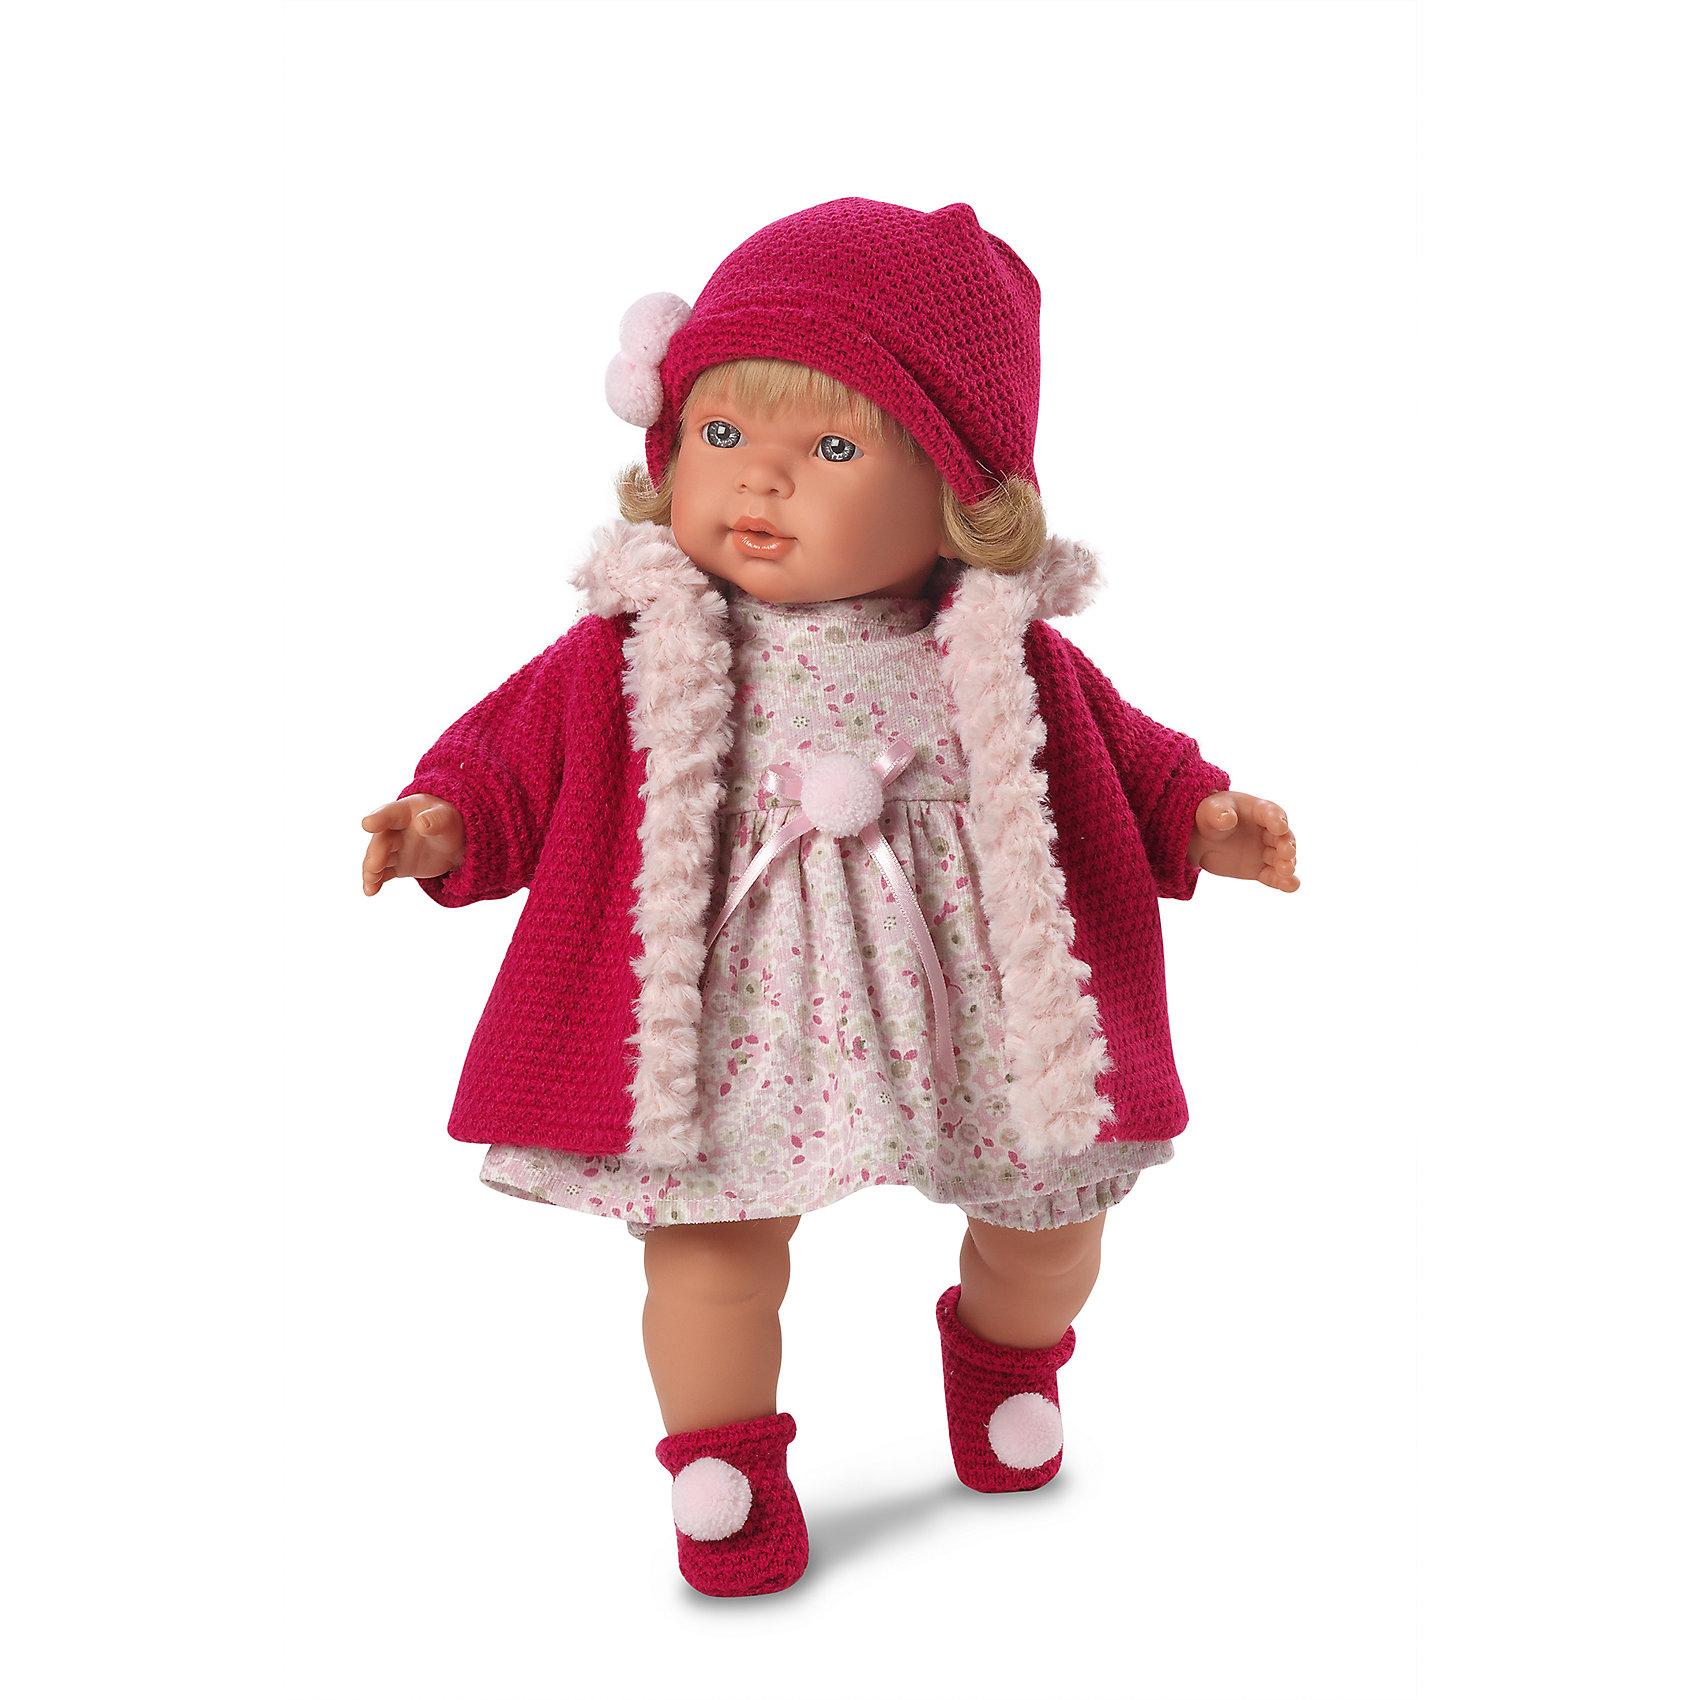 Кукла Даниэла, 42 см, LlorensКуклы<br>Характеристики:<br><br>• Предназначение: для сюжетно-ролевых игр<br>• Тип куклы: мягконабивная<br>• Пол куклы: девочка <br>• Цвет волос: блондинка<br>• Материал: поливинилхлорид, пластик, нейлон, текстиль<br>• Цвет: розовый, красный<br>• Высота куклы: 42 см<br>• Комплектация: кукла, платье, пальто, носочки, шапочка, пустышка с держателем<br>• Звуковые эффекты: плачет, произносит мама и папа<br>• Батарейки: з шт. типа AG13/LR44 (предусмотрены в комплекте)<br>• Вес: 1 кг 360 г<br>• Размеры упаковки (Д*В*Ш): 23*45*12 см<br>• Упаковка: подарочная картонная коробка <br>• Особенности ухода: допускается деликатная стирка без использования красящих и отбеливающих средств предметов одежды куклы<br><br>Кукла Даниэла 42 см – кукла, производителем которого является всемирно известный испанский кукольный бренд Llorens. Куклы этой торговой марки имеют свою неповторимую внешность и целую линейку образов как пупсов, так и кукол-малышей. Игрушки выполнены из сочетания поливинилхлорида и пластика, что позволяет с высокой долей достоверности воссоздать физиологические и мимические особенности маленьких детей. При изготовлении кукол Llorens используются только сертифицированные материалы, безопасные и не вызывающие аллергических реакций. Волосы у кукол отличаются густотой, шелковистостью и блеском, при расчесывании они не выпадают и не ломаются.<br>Кукла Даниэла 42 см выполнена в образе малышки: голубые глаза и слегка завитые волосы средней длины делают образ куклы необычайно очаровательным. В комплект одежды Даниэлы входит легкое платьице с цветочным рисунком, пальто с меховой отделкой, шапочка и носочки с помпончиками. Кукла умеет плакать, а также говорить мама и папа. Чтобы малышка не плакала, у нее имеется соска с цепочкой-держателем. <br>Кукла Даниэла 42см – это идеальный вариант для подарка к различным праздникам и торжествам.<br><br>Куклу Даниэлу 42 см можно купить в нашем интернет-магазине.<br><br>Ширина мм: 23<br>Глубина мм: 45<br>Высота м